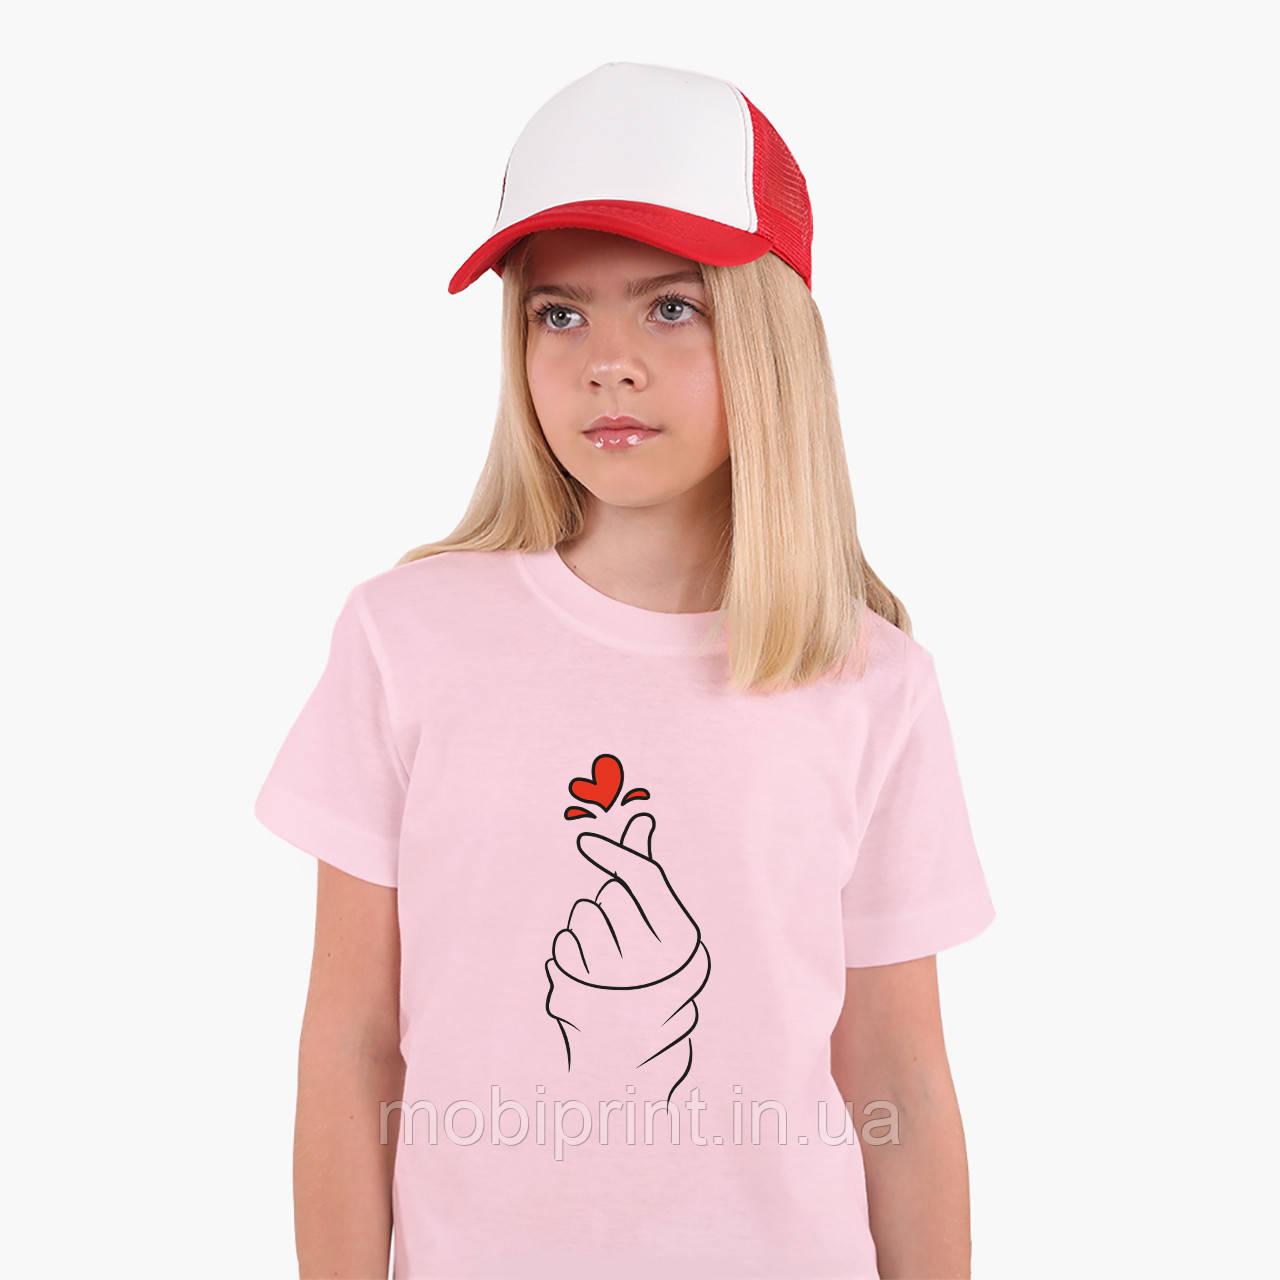 Детская футболка для девочек БТС (BTS) (25186-1165) Розовый